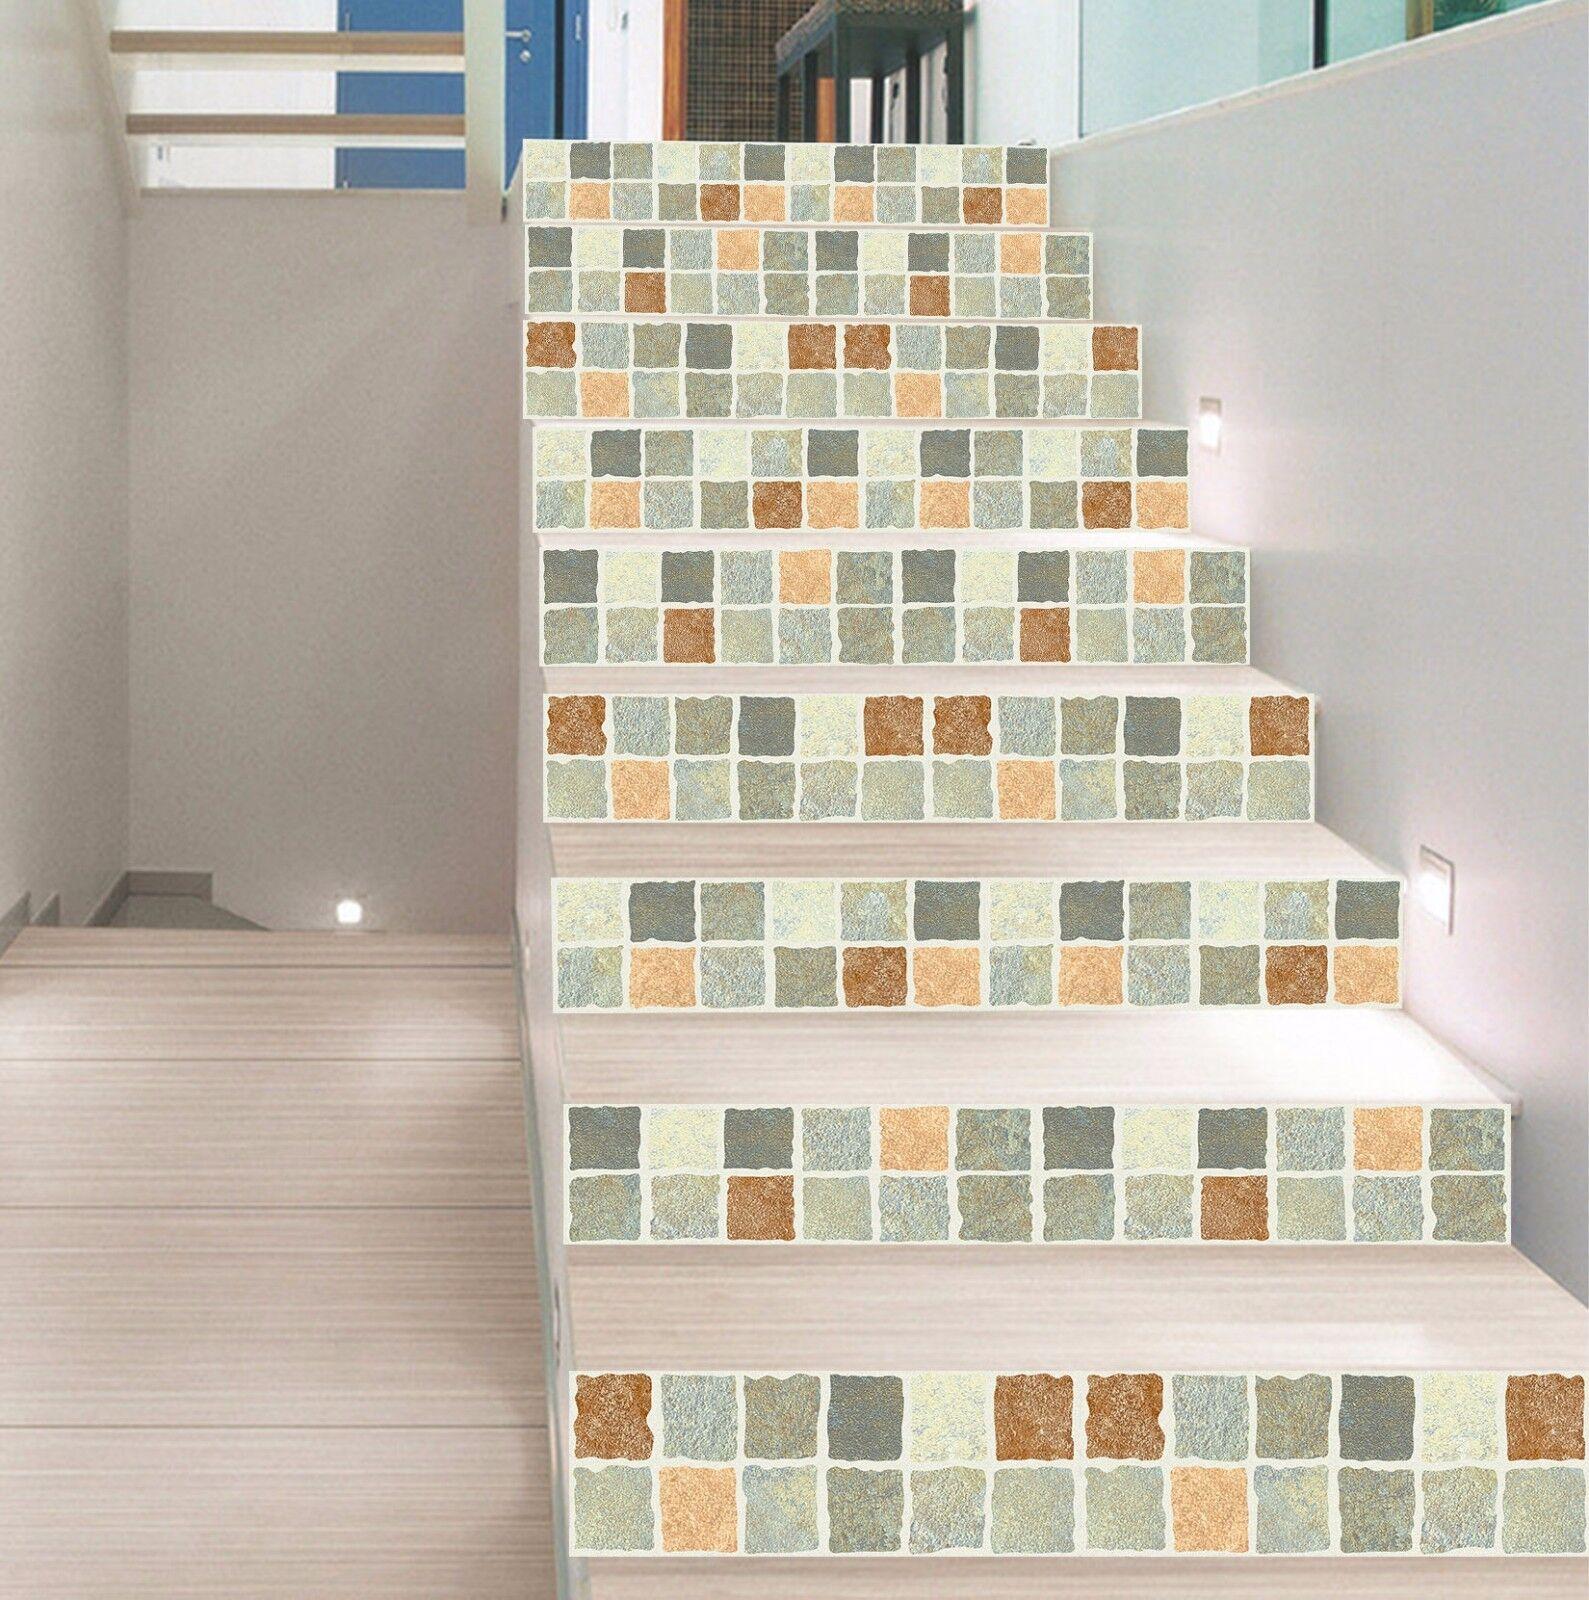 3D Gitter 432 Stair Risers Dekoration Fototapete Vinyl Aufkleber Tapete DE Lemon